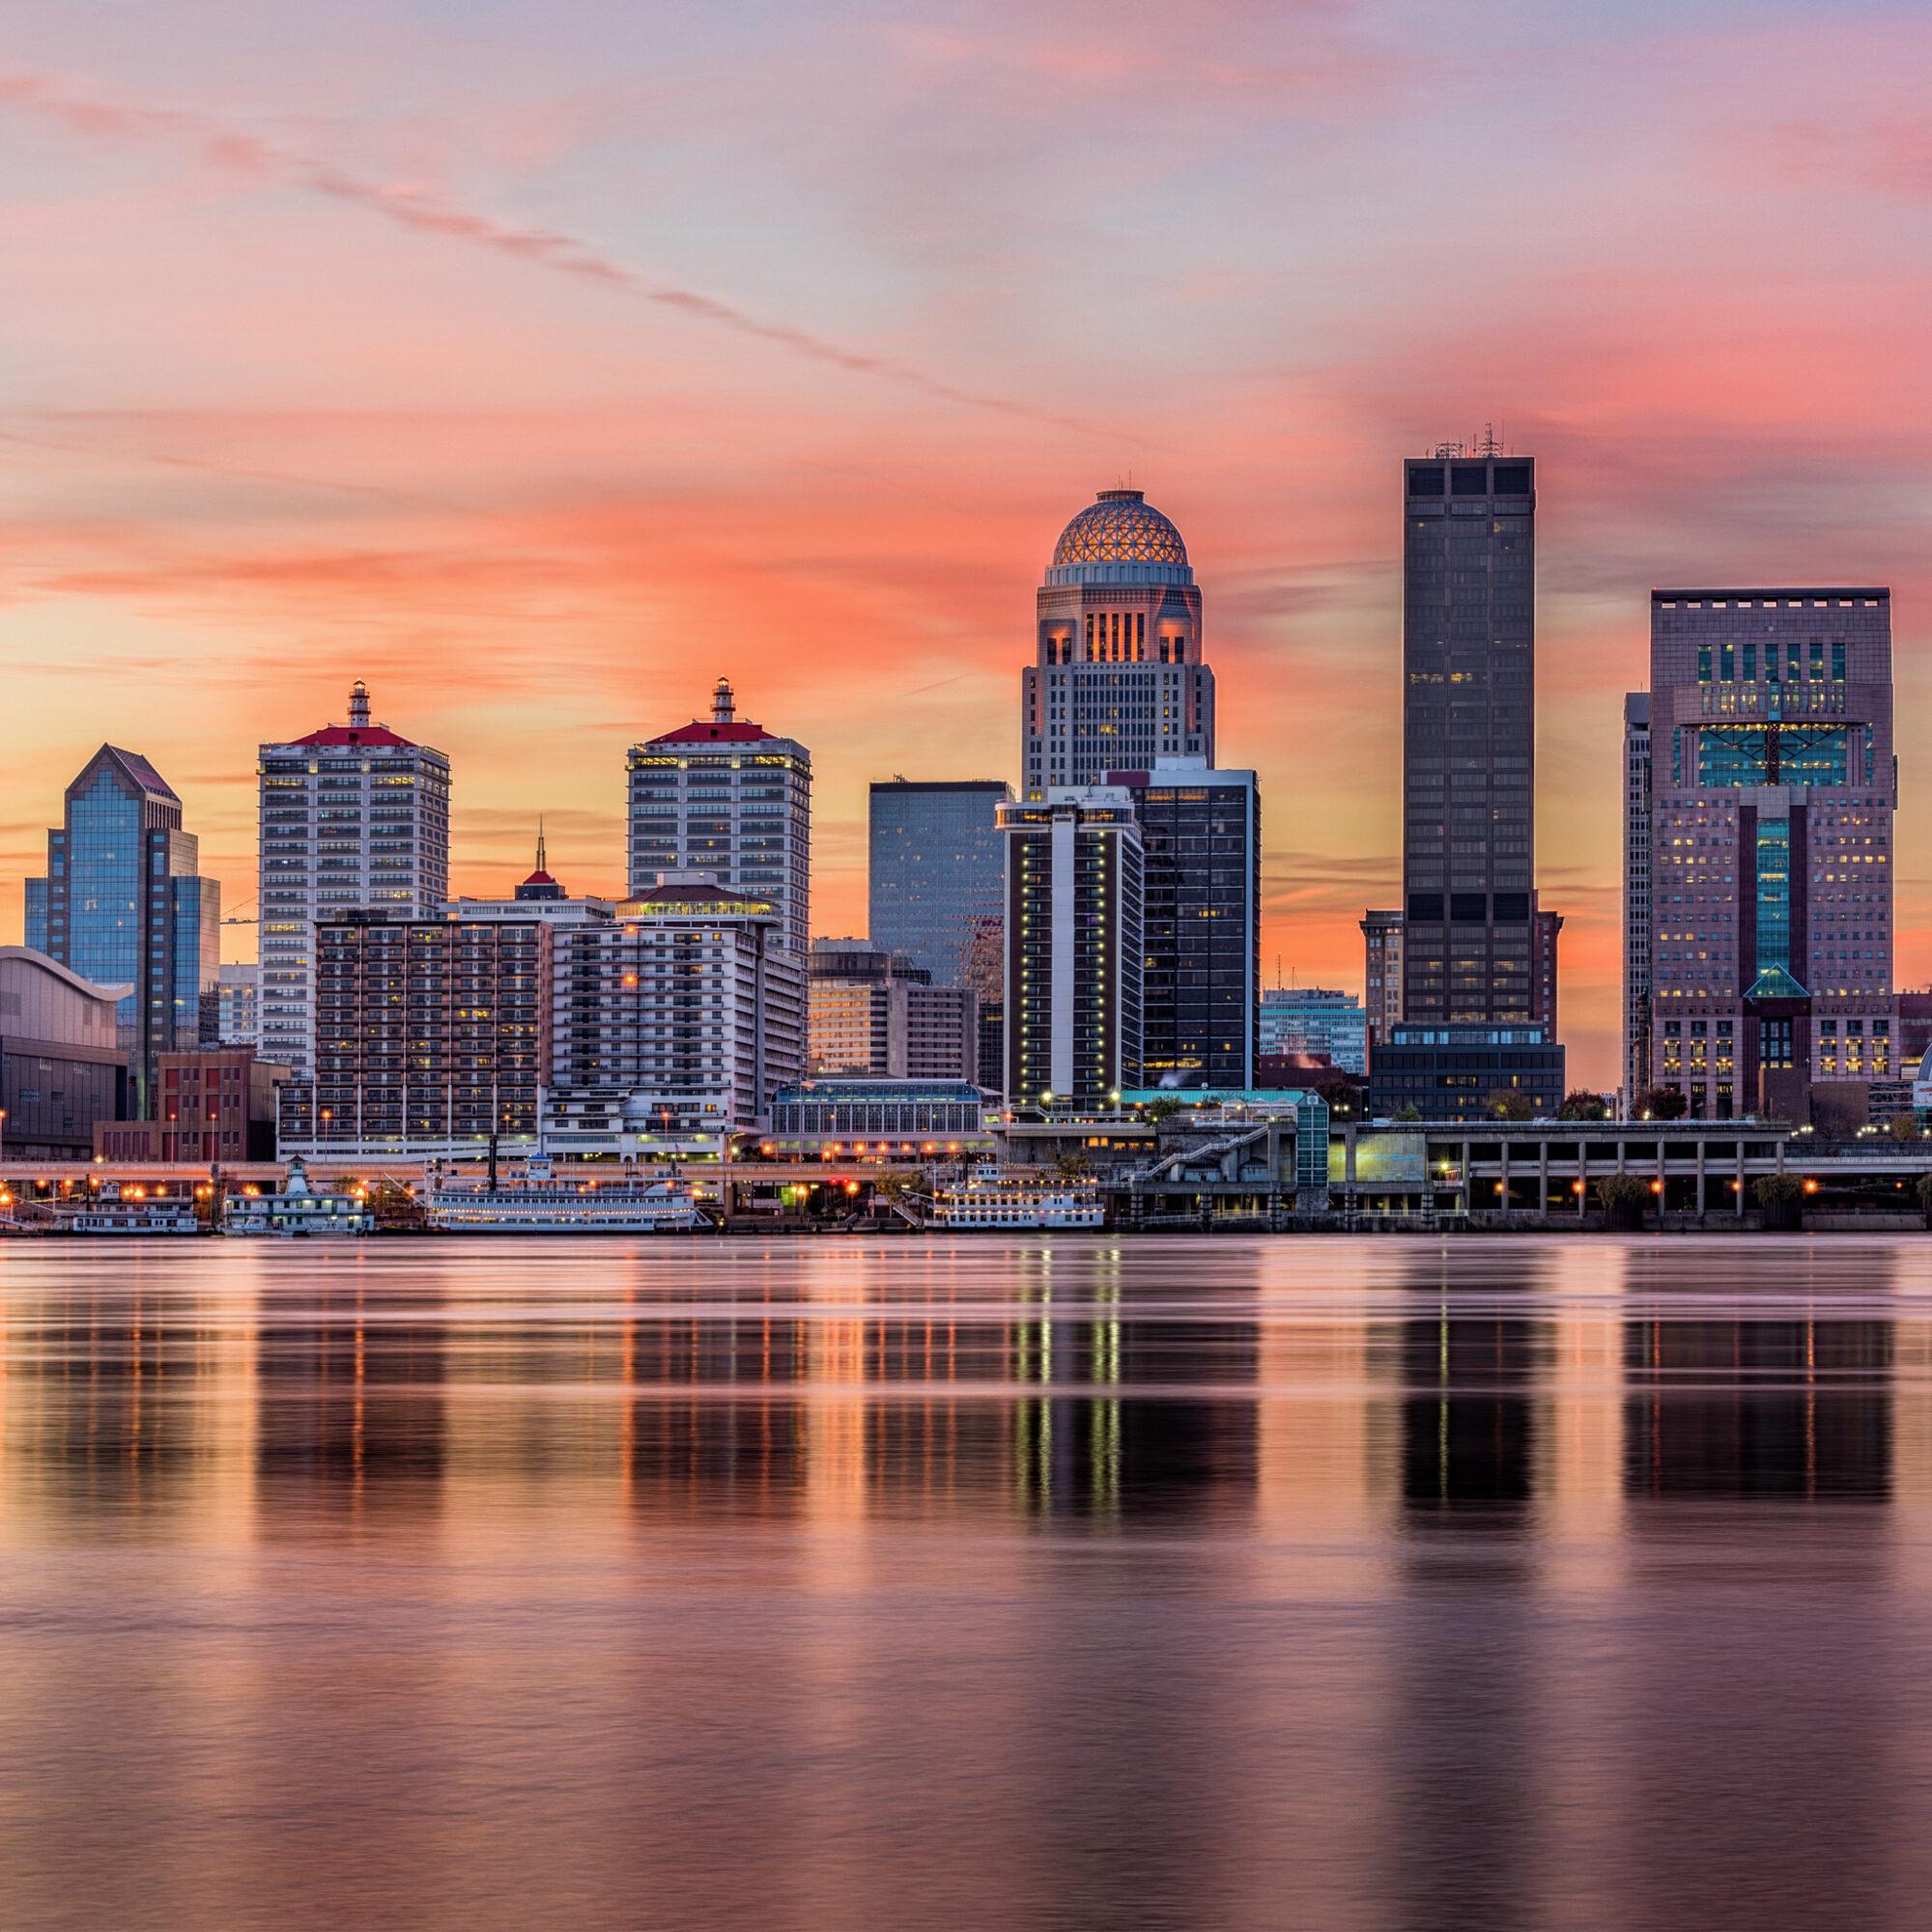 The skyline of Louisville, Kentucky, at sunset.